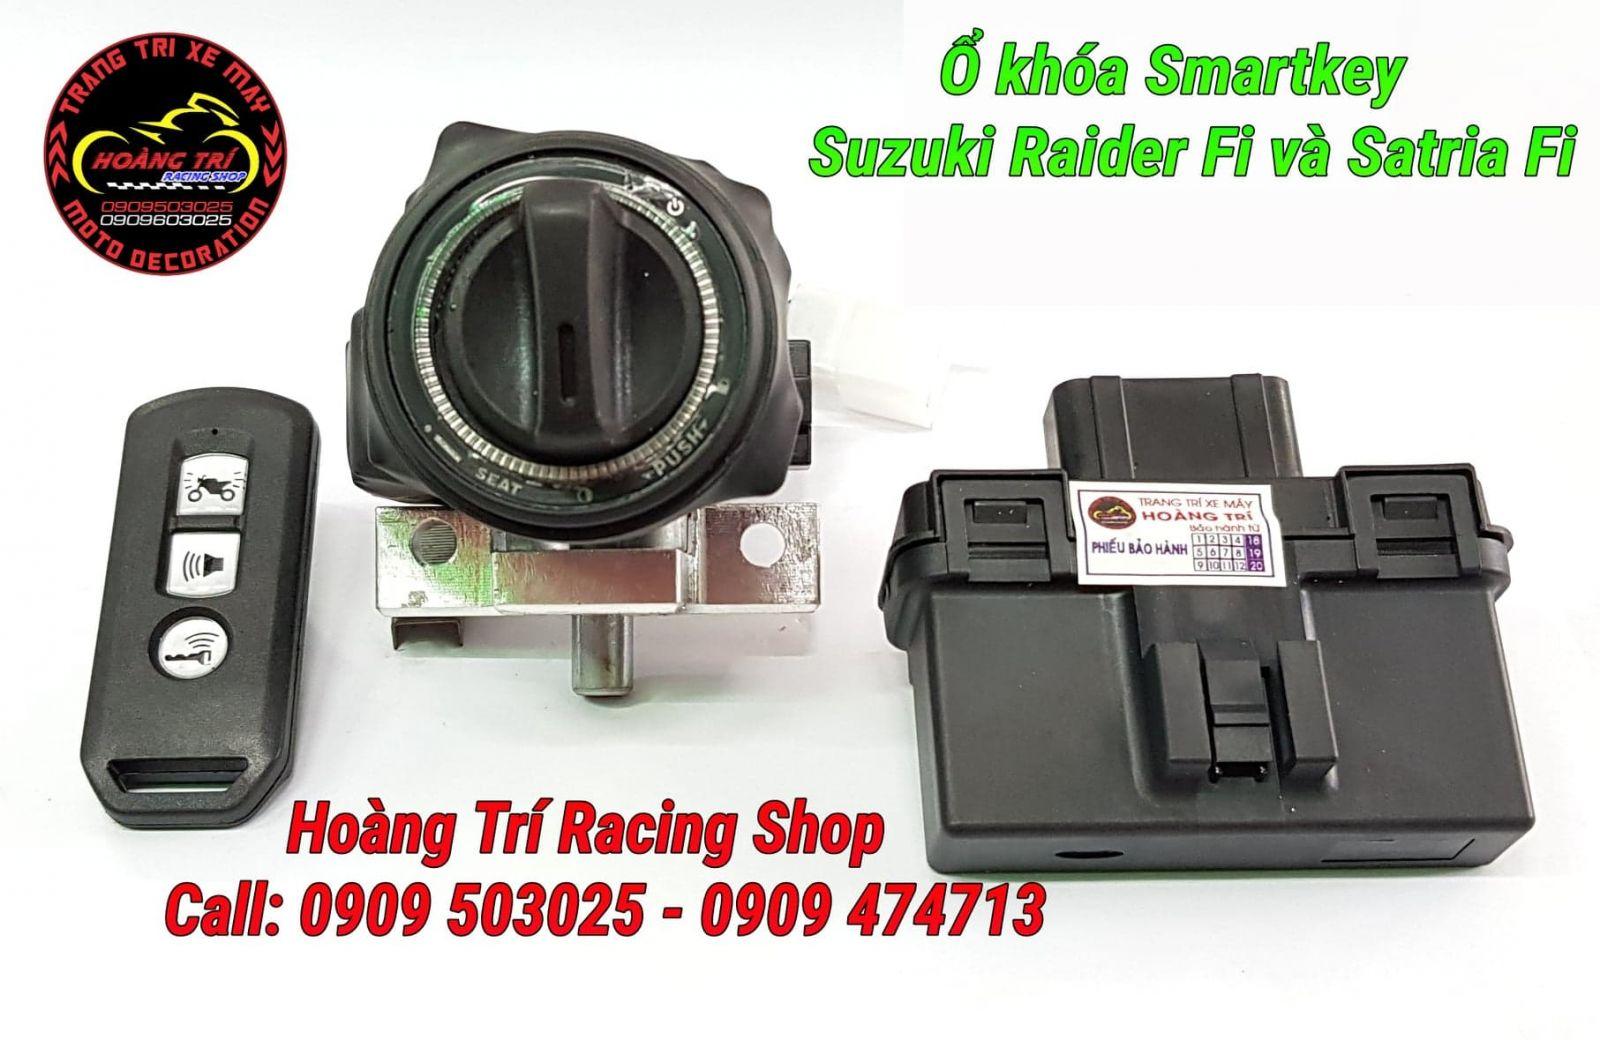 Cận cảnh các phụ kiện lắp đặt khóa thông minh cho xe Raider Fi và Satria Fi